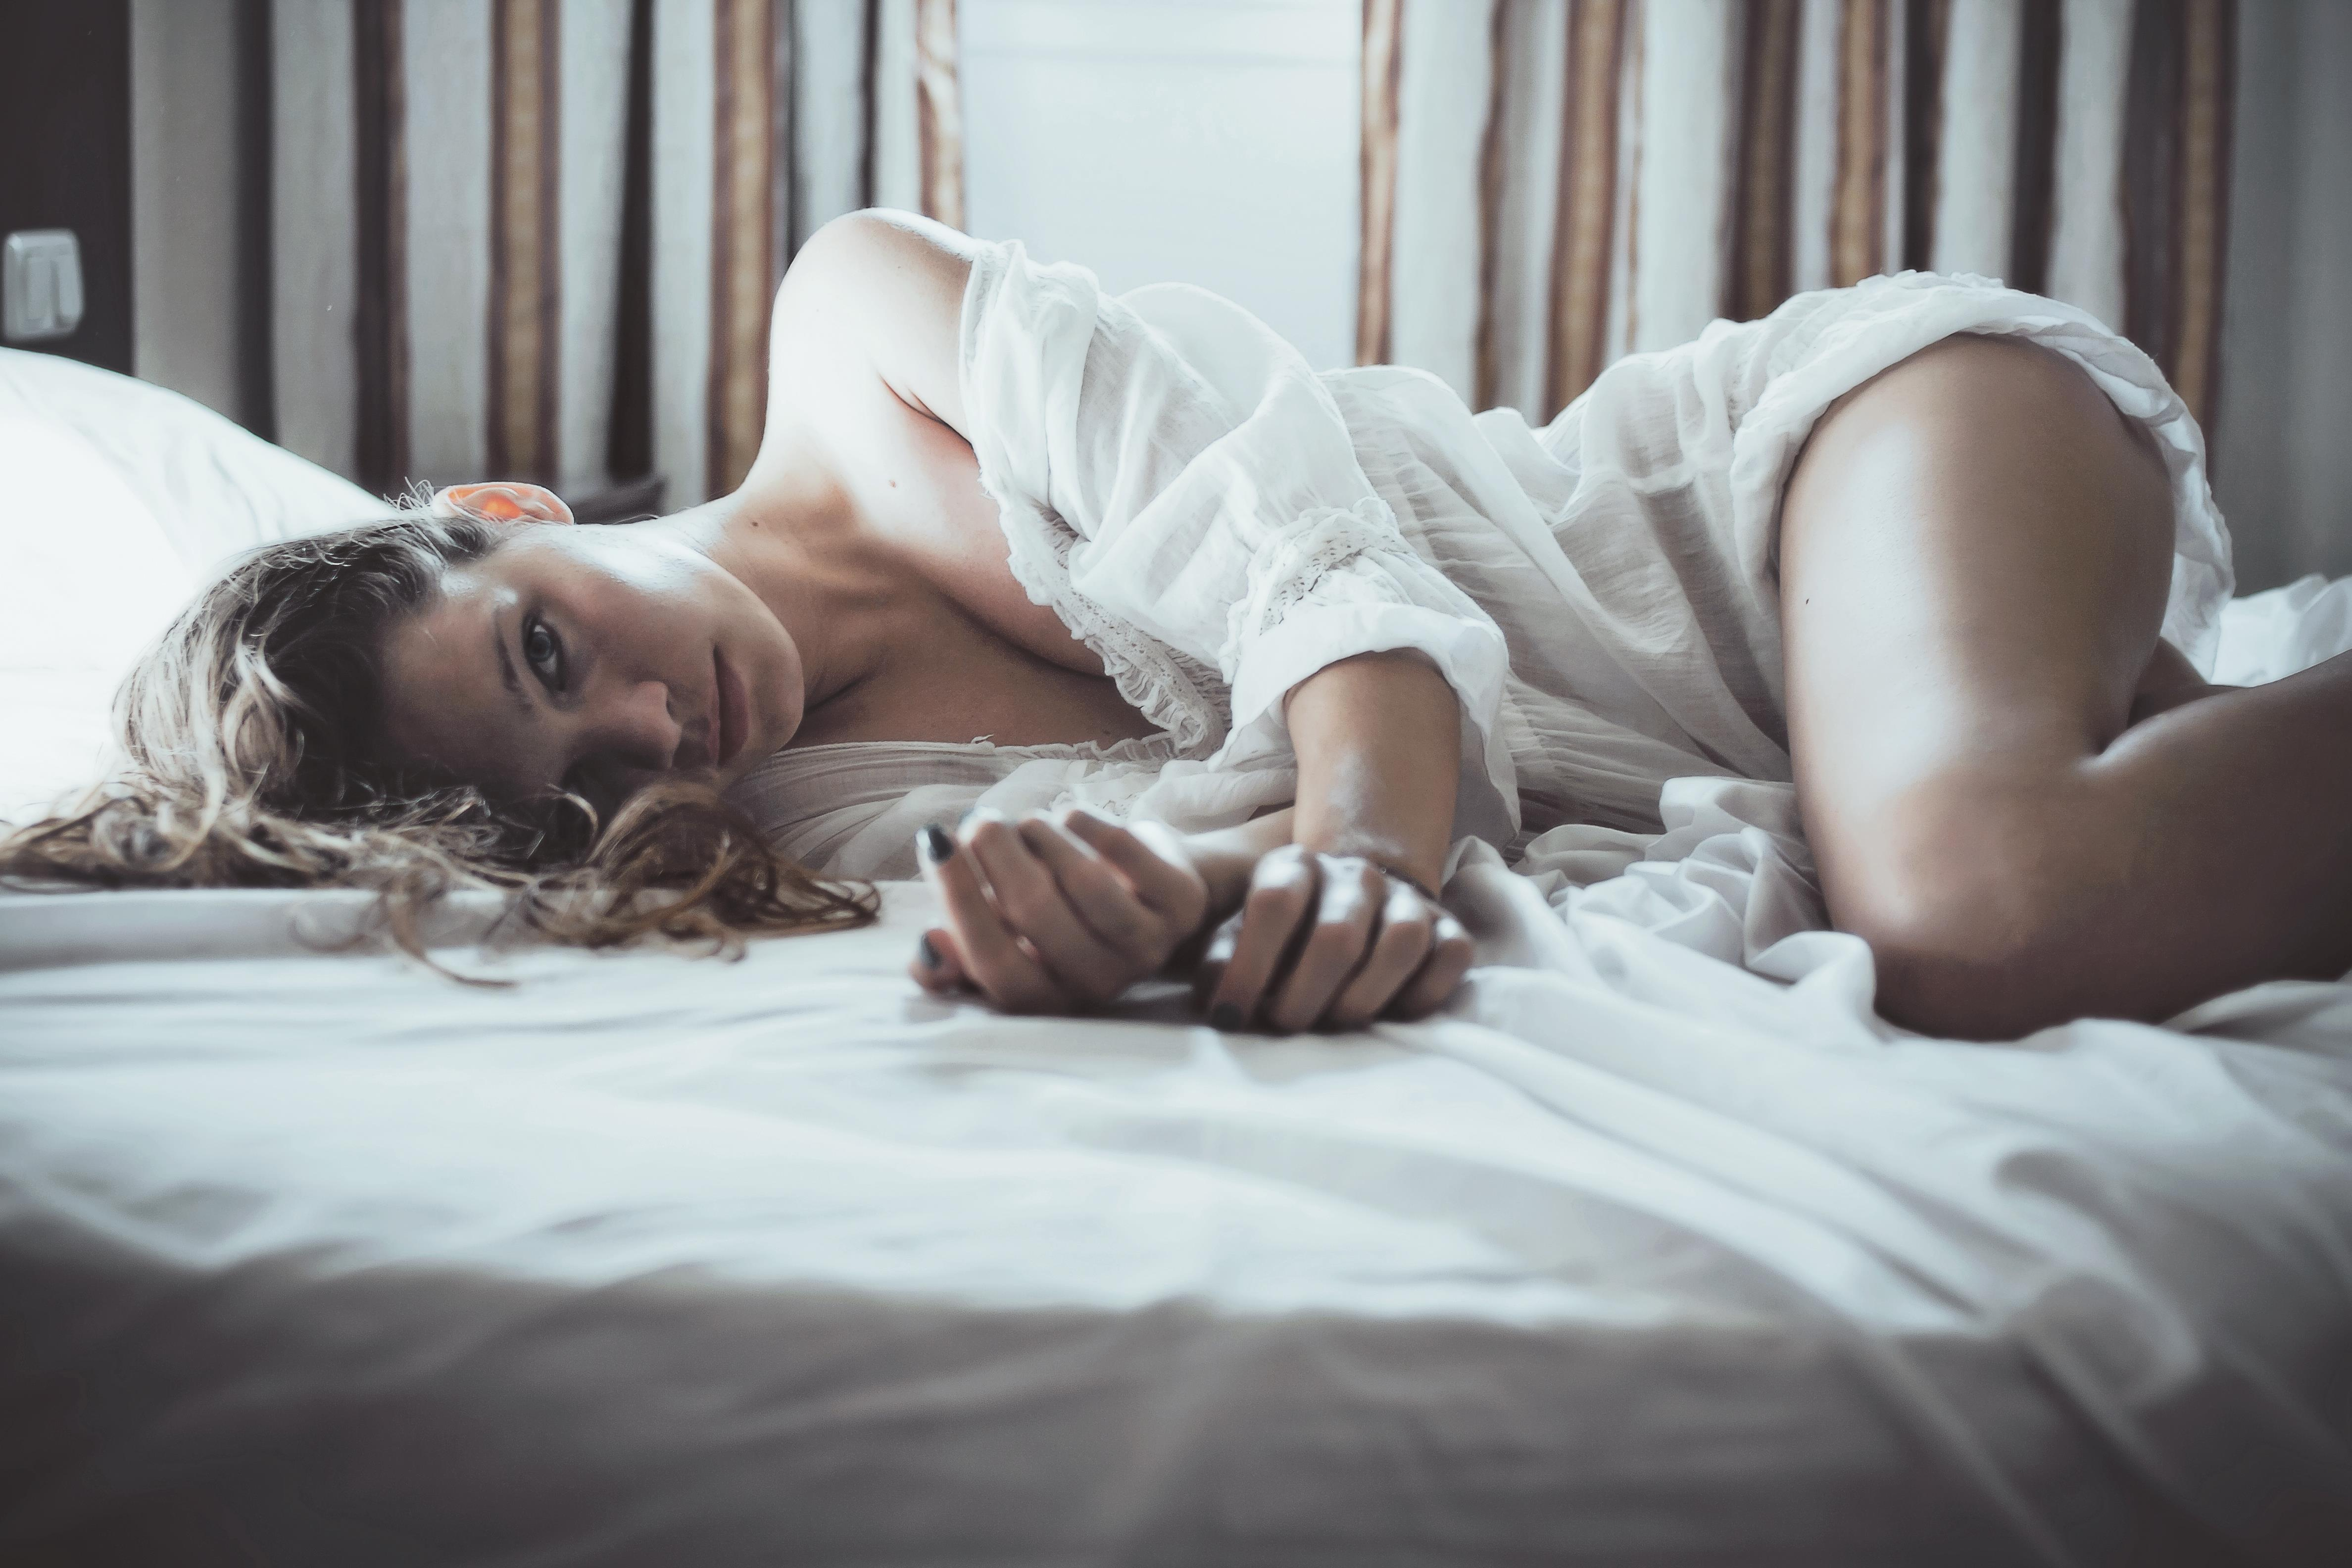 Zdjęcia seksu dla dziewcząt